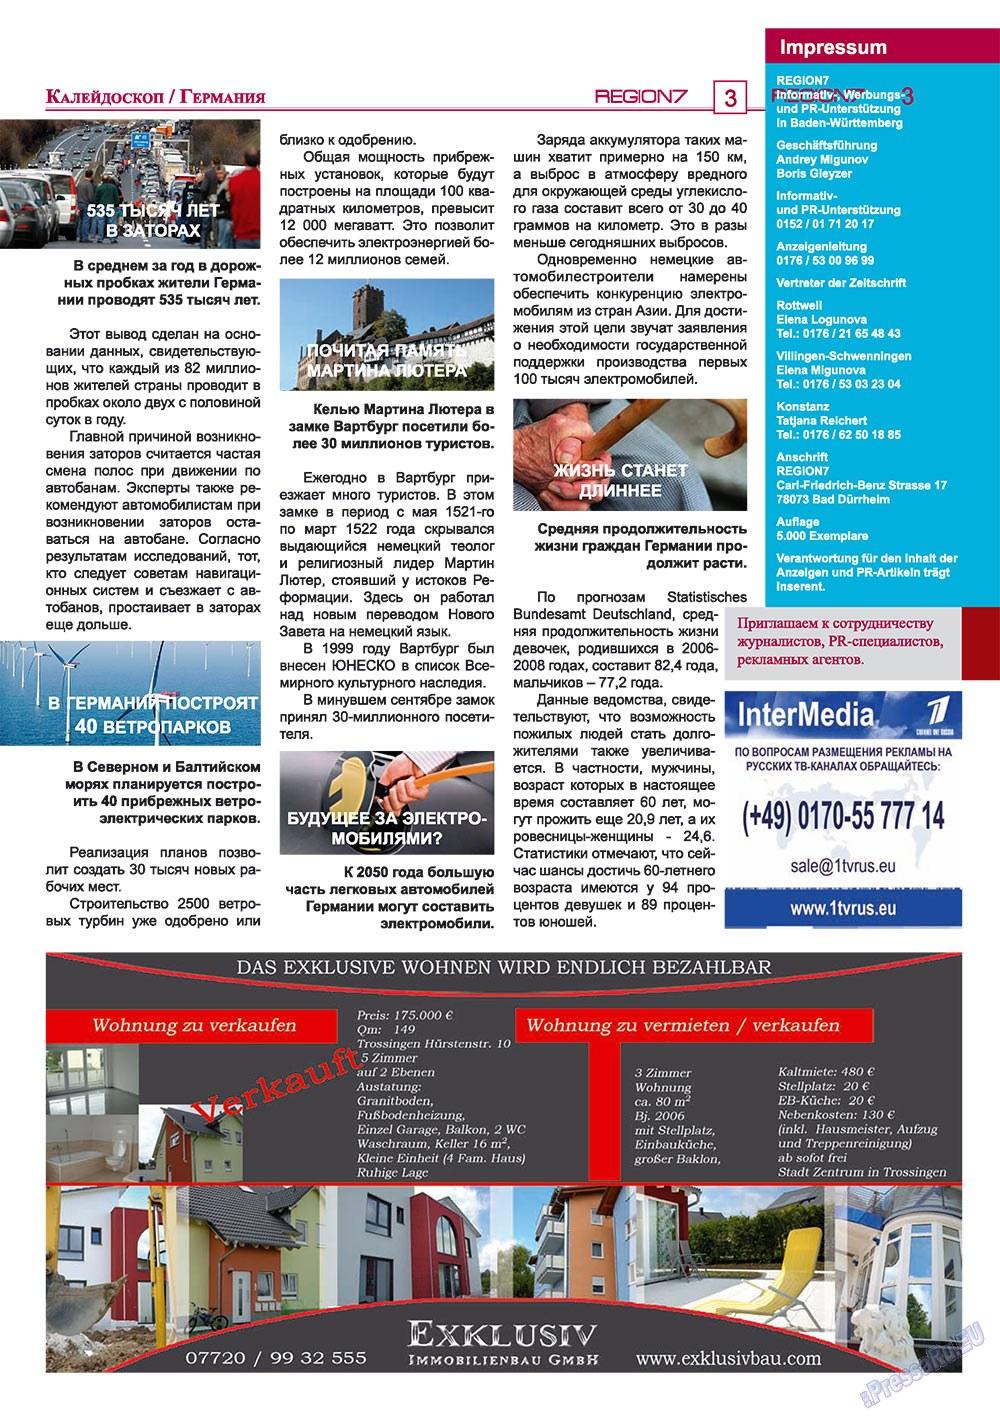 Регион (журнал). 2009 год, номер 5, стр. 3